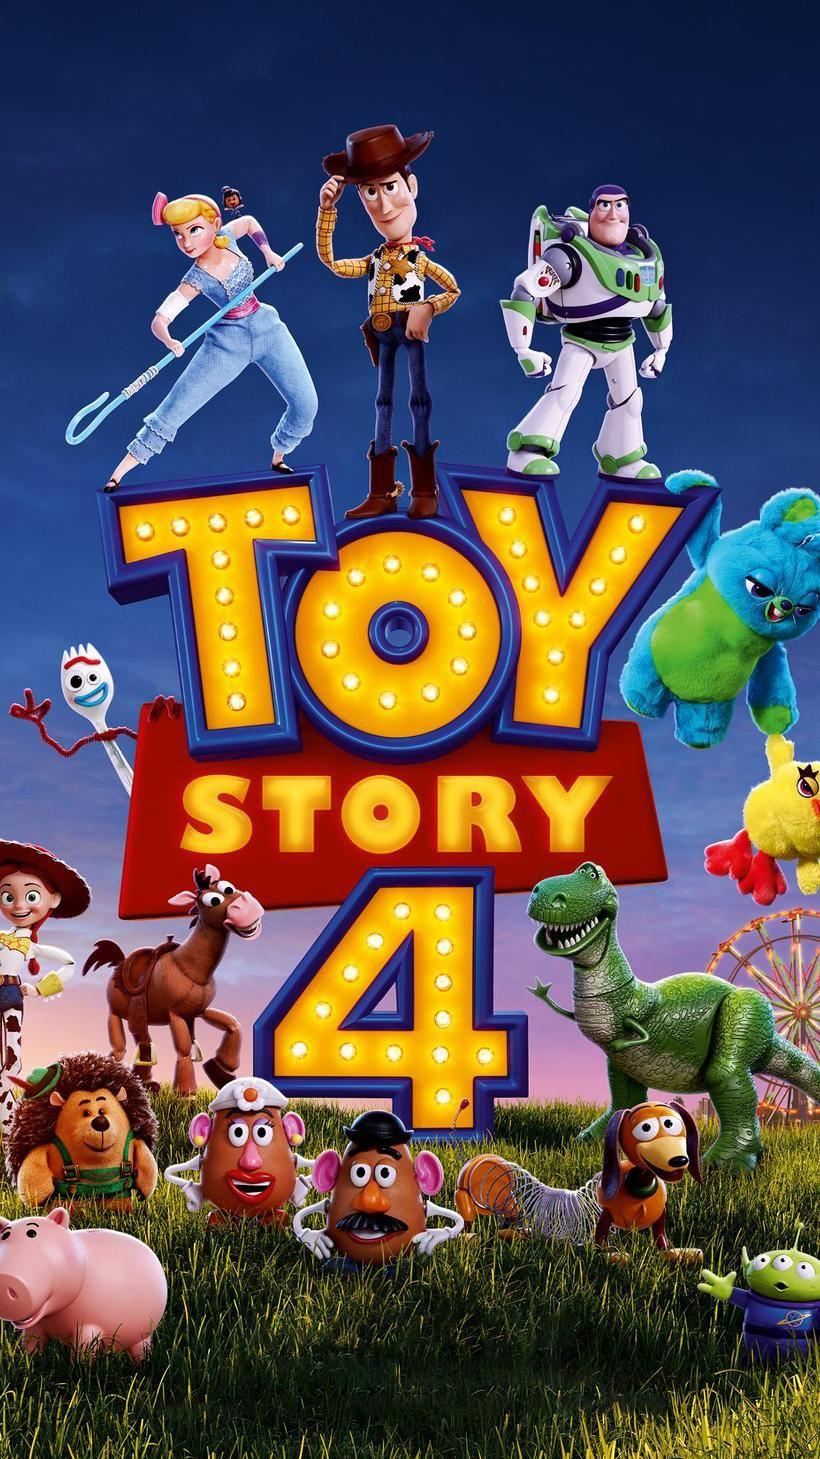 Hasil gambar untuk Toy Story 4 2019 poster